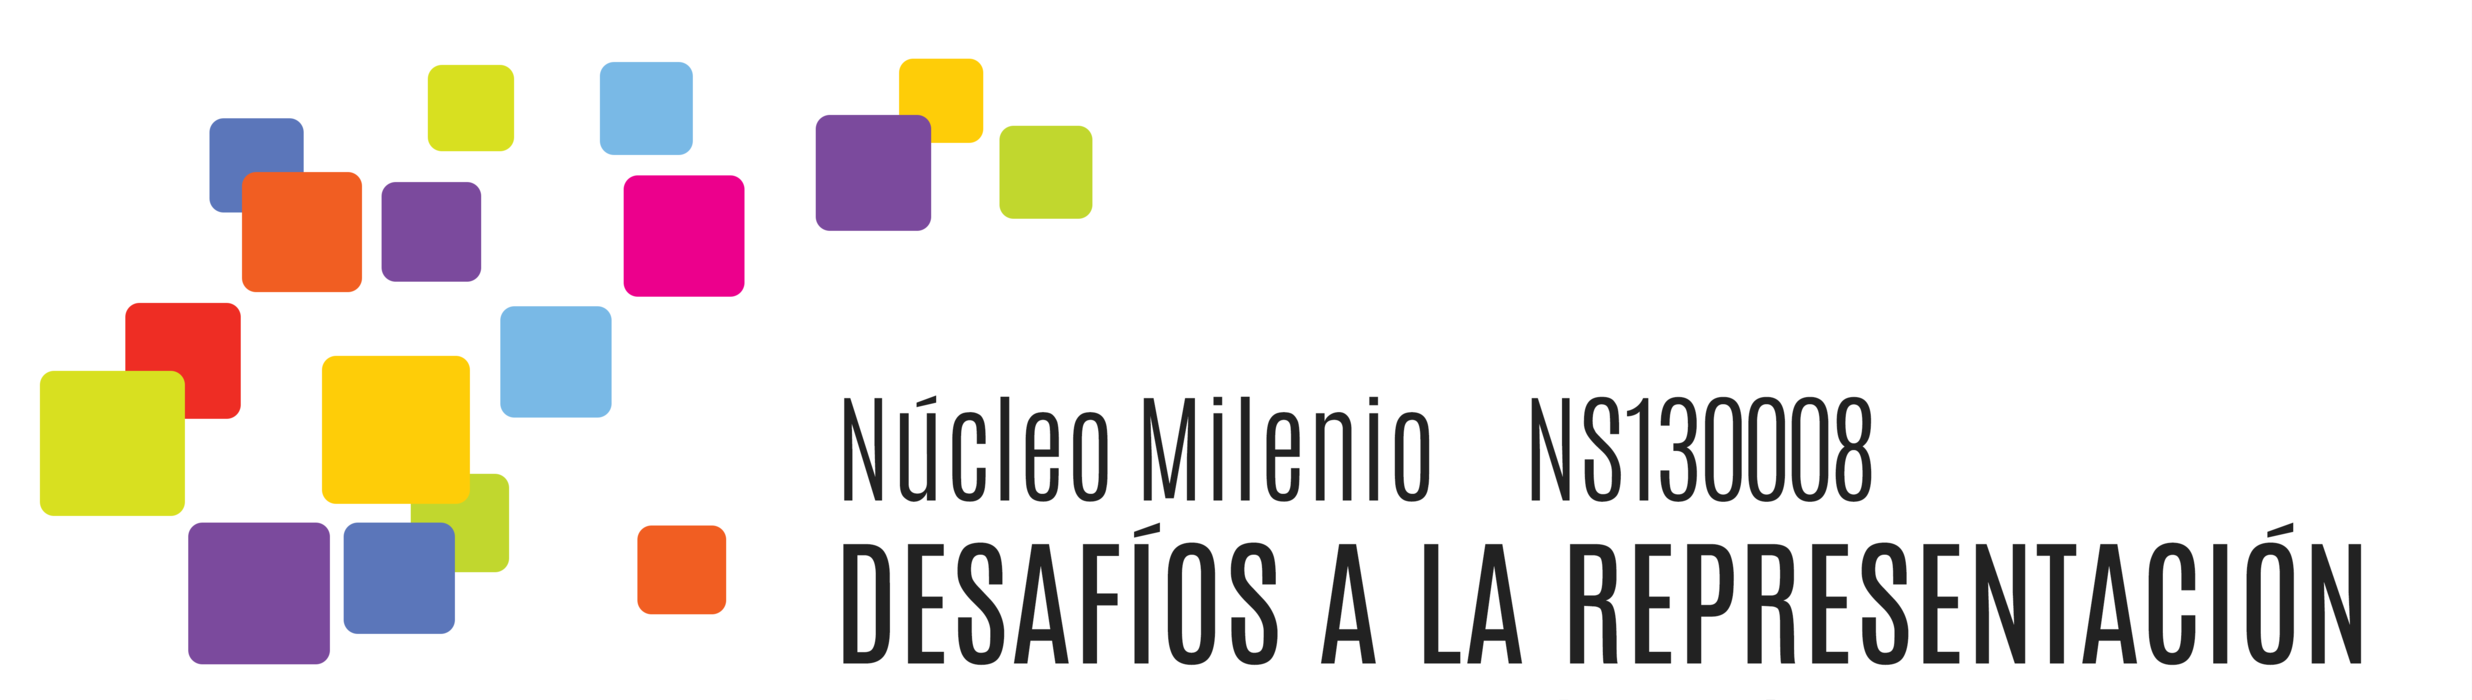 Núcleo Milenio - Desafíos a la Representación - Patrocinador